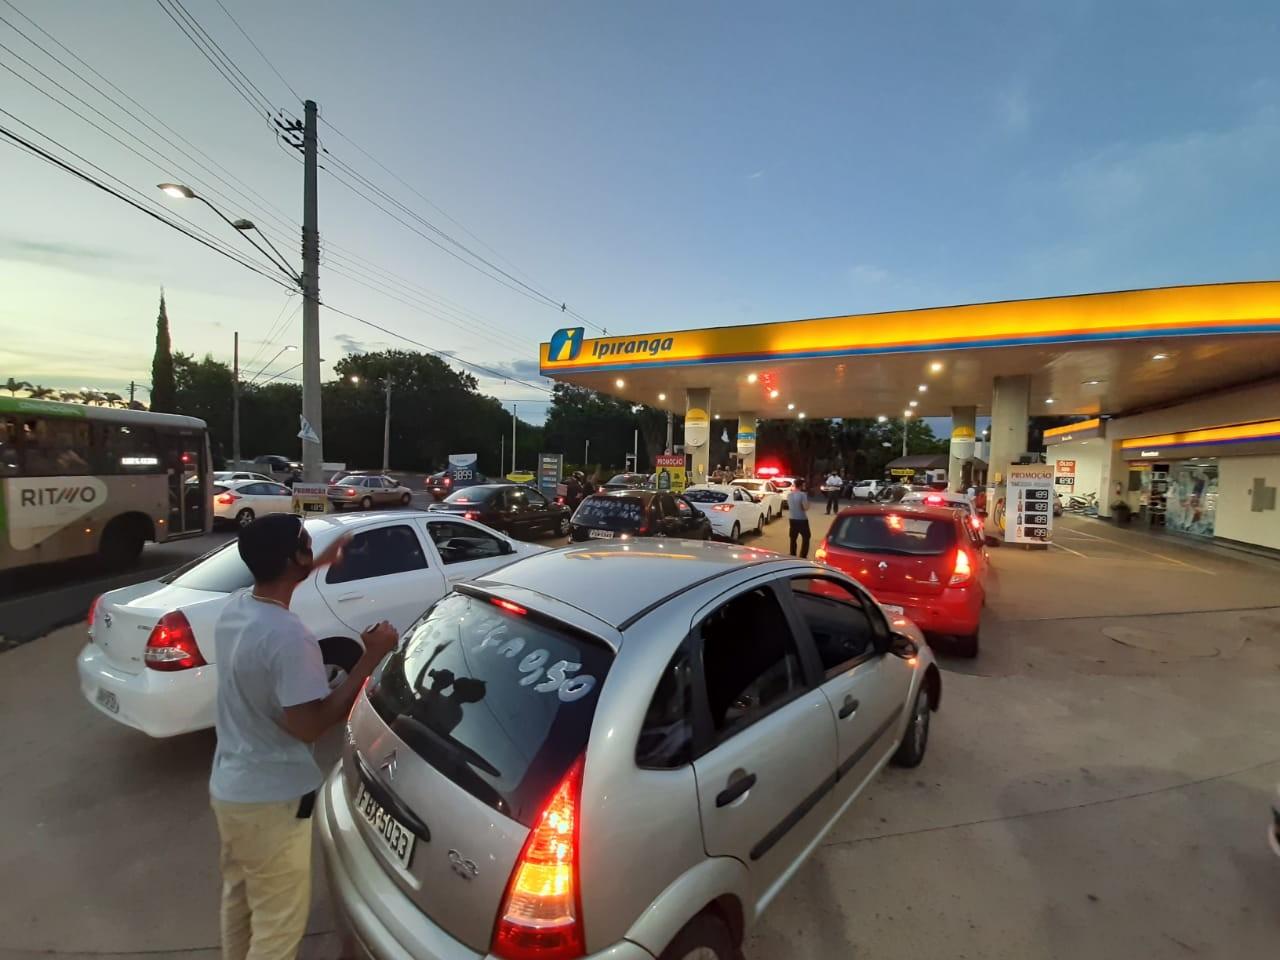 Contra preço do combustível, motoristas de app abastecem com R$ 0,50 em Ribeirão Preto, SP